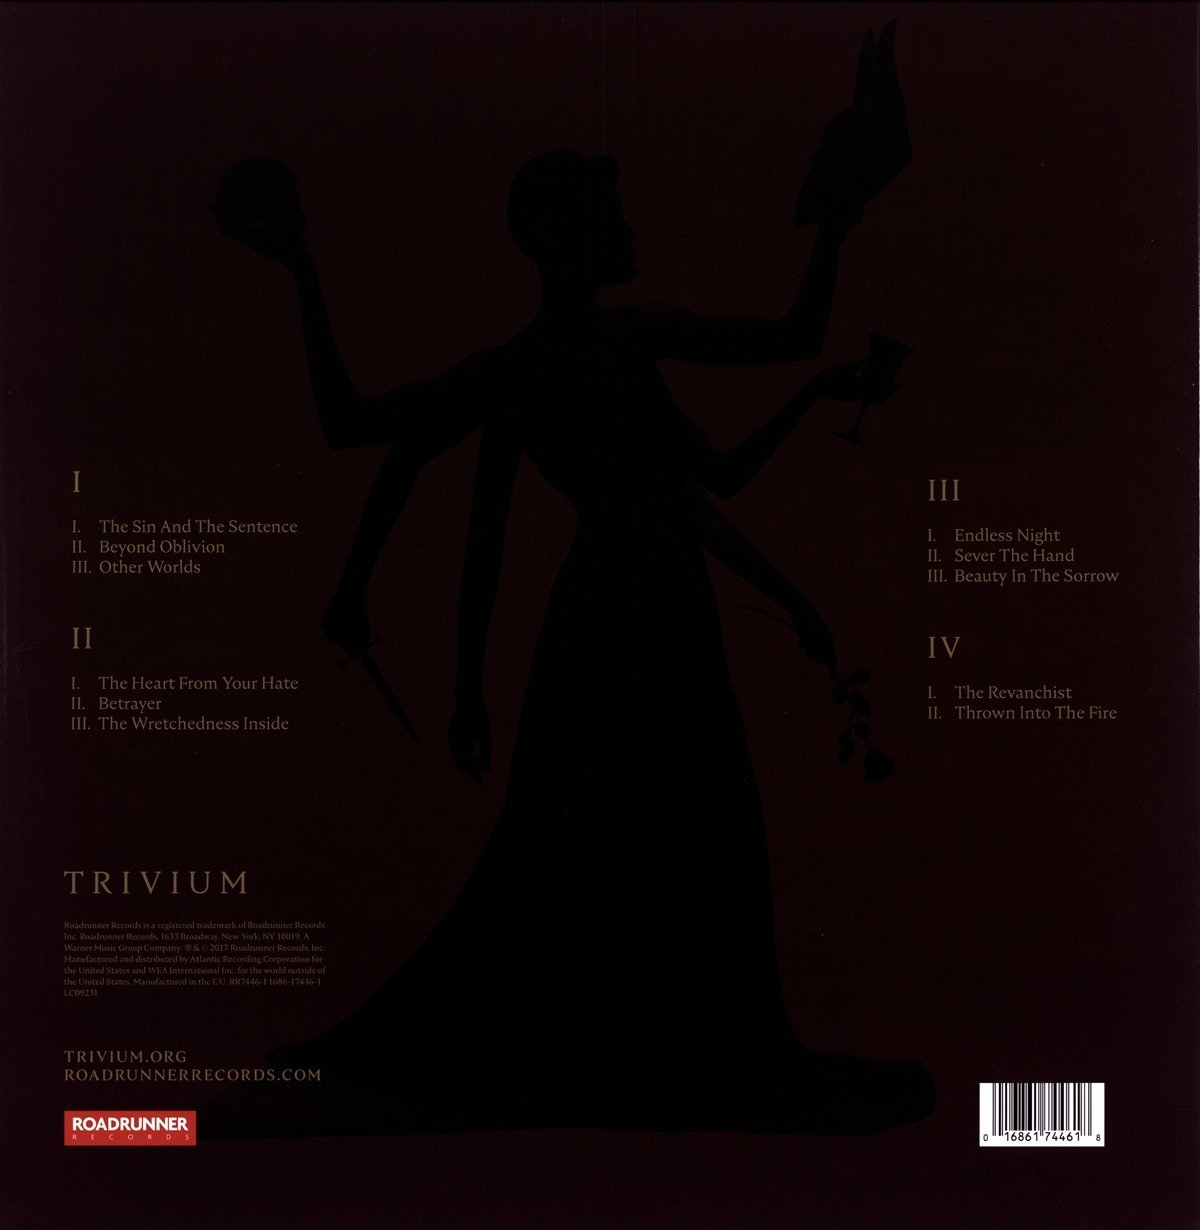 SHOGUN TRIVIUM BAIXAR CD